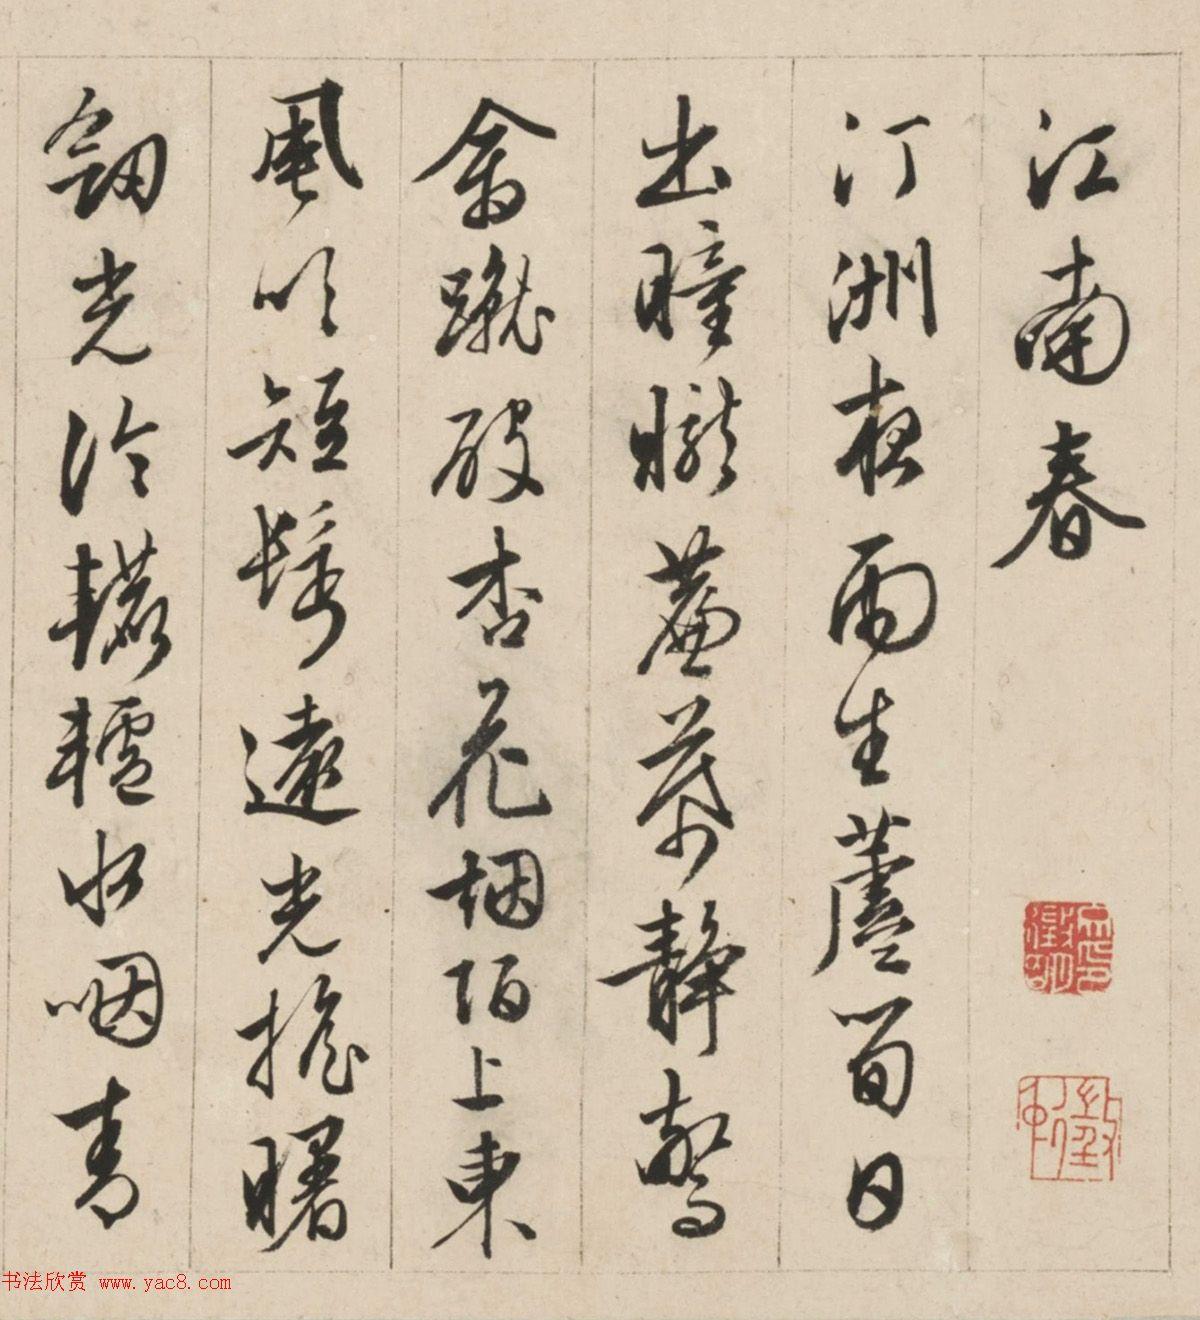 文徵明75岁行草书法《江南春卷》